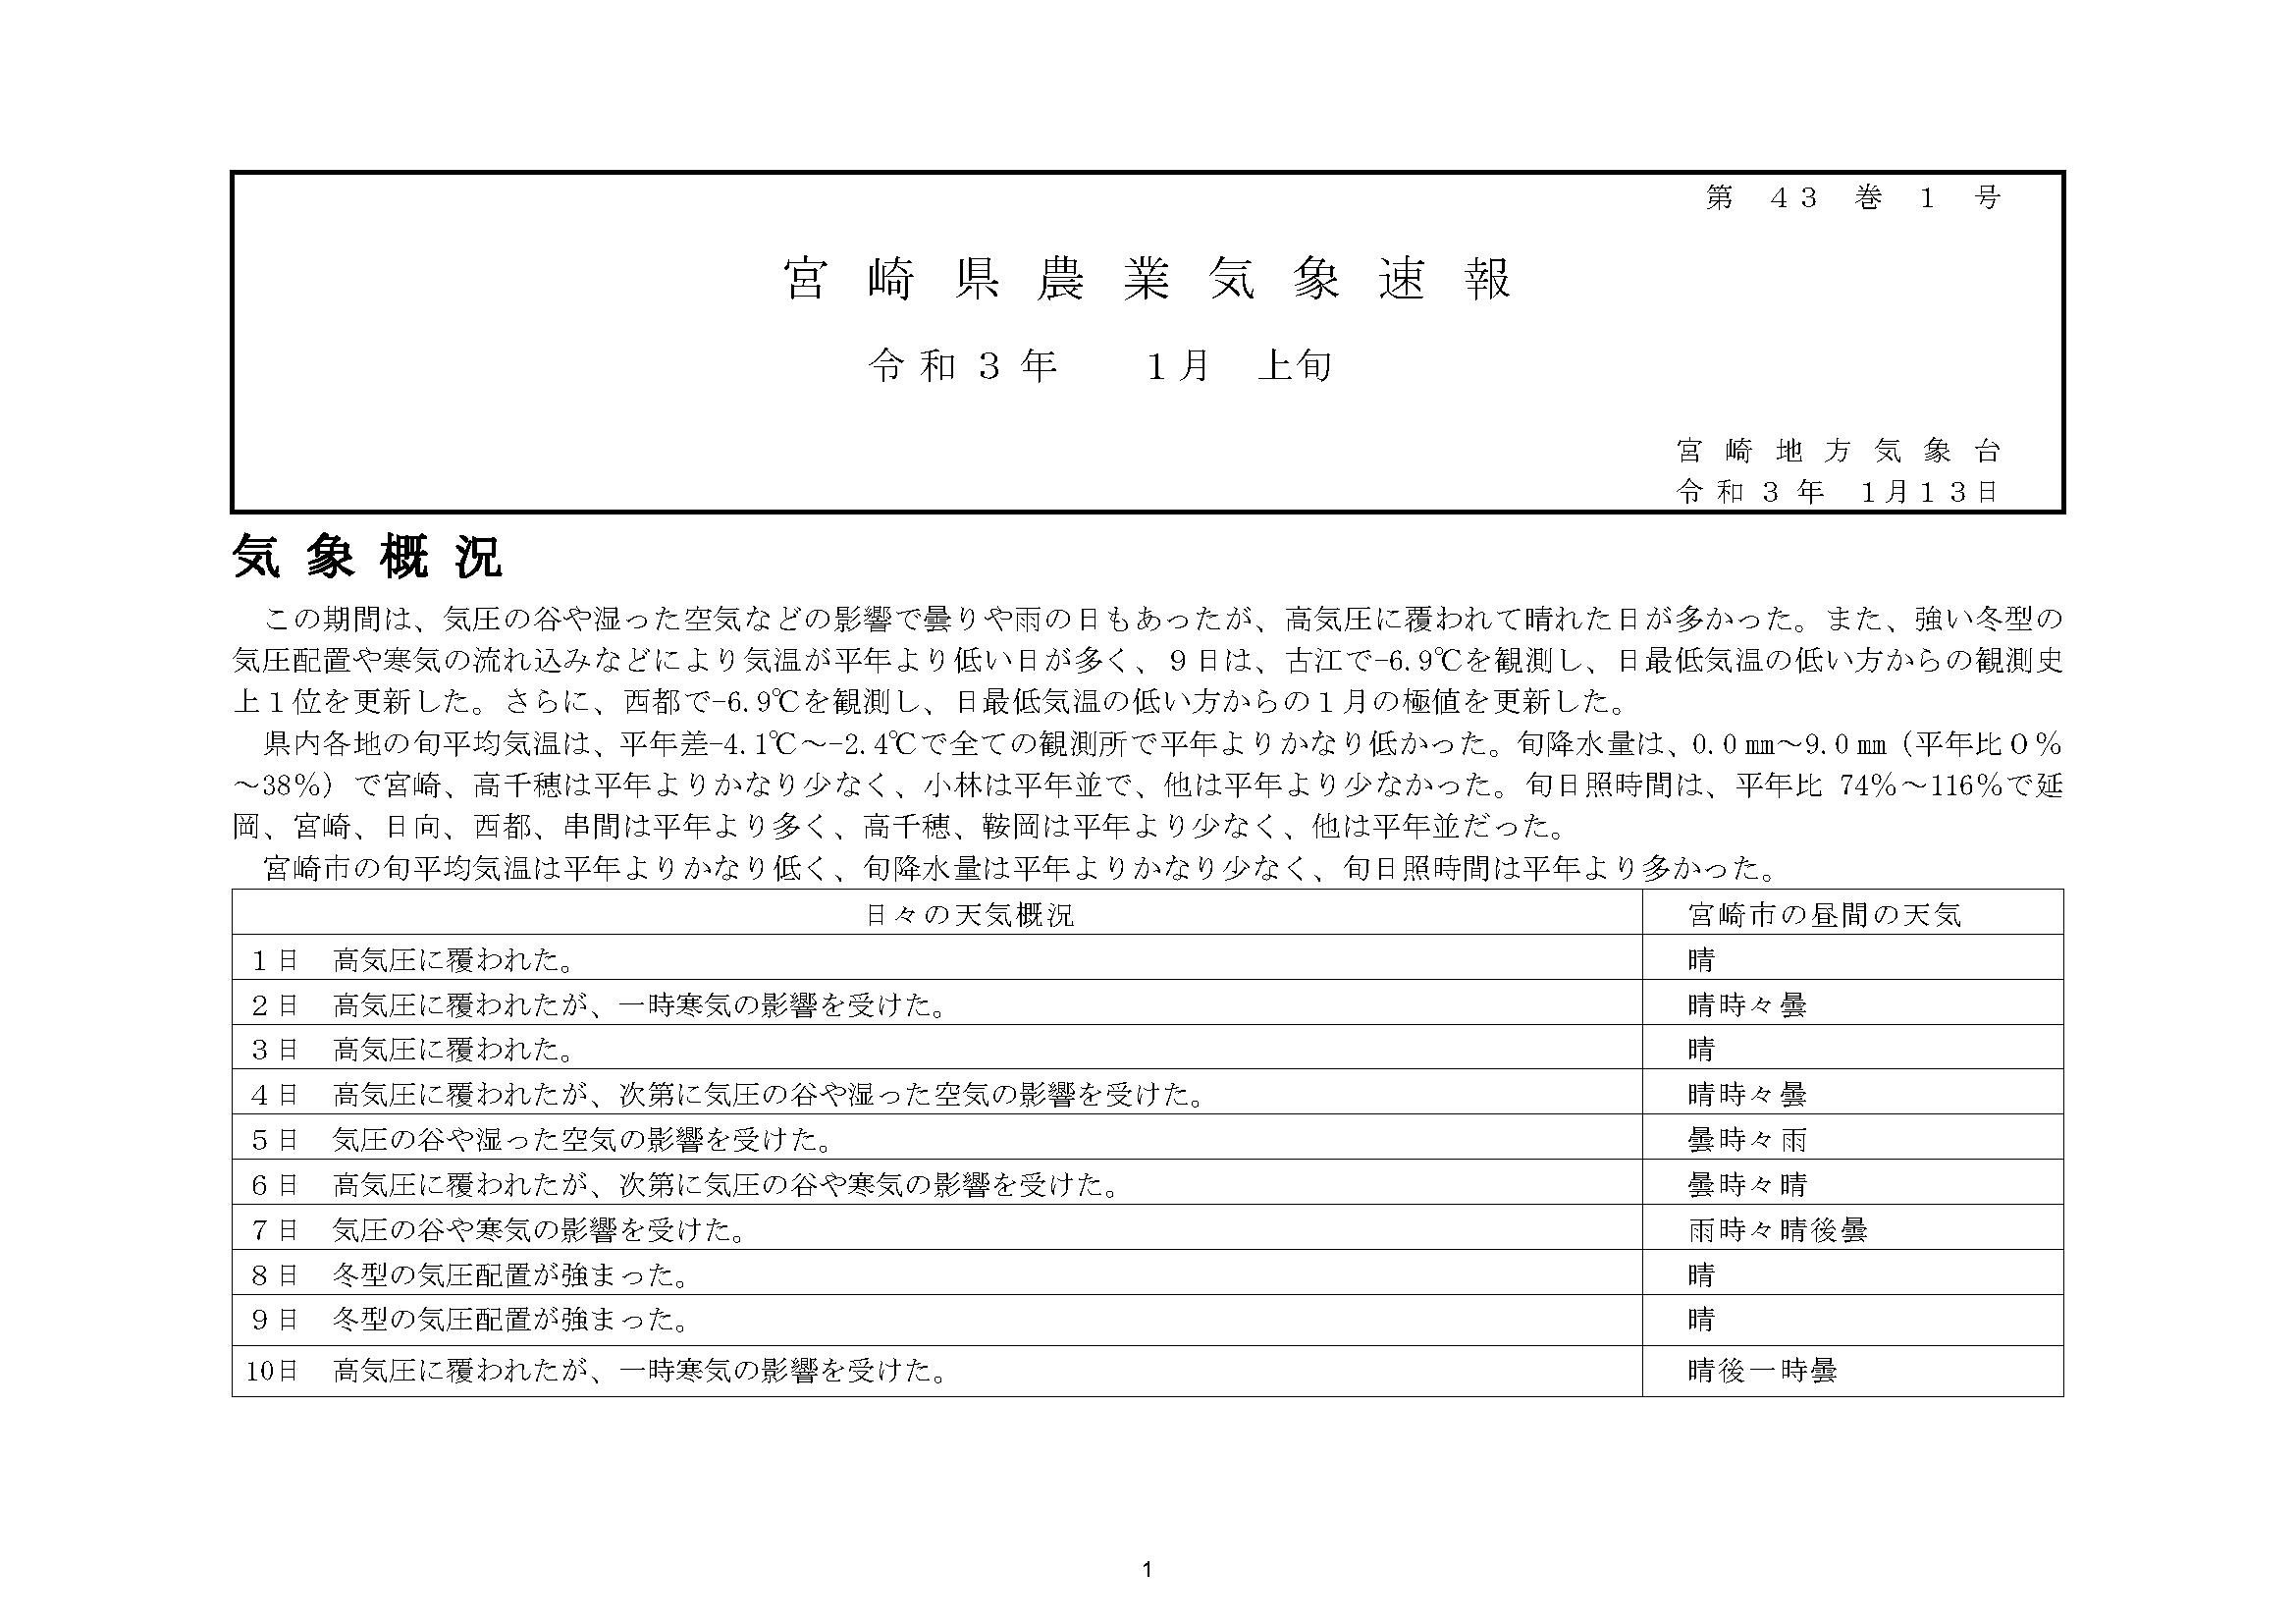 宮崎県農業気象速報令和2年12月上旬PDF